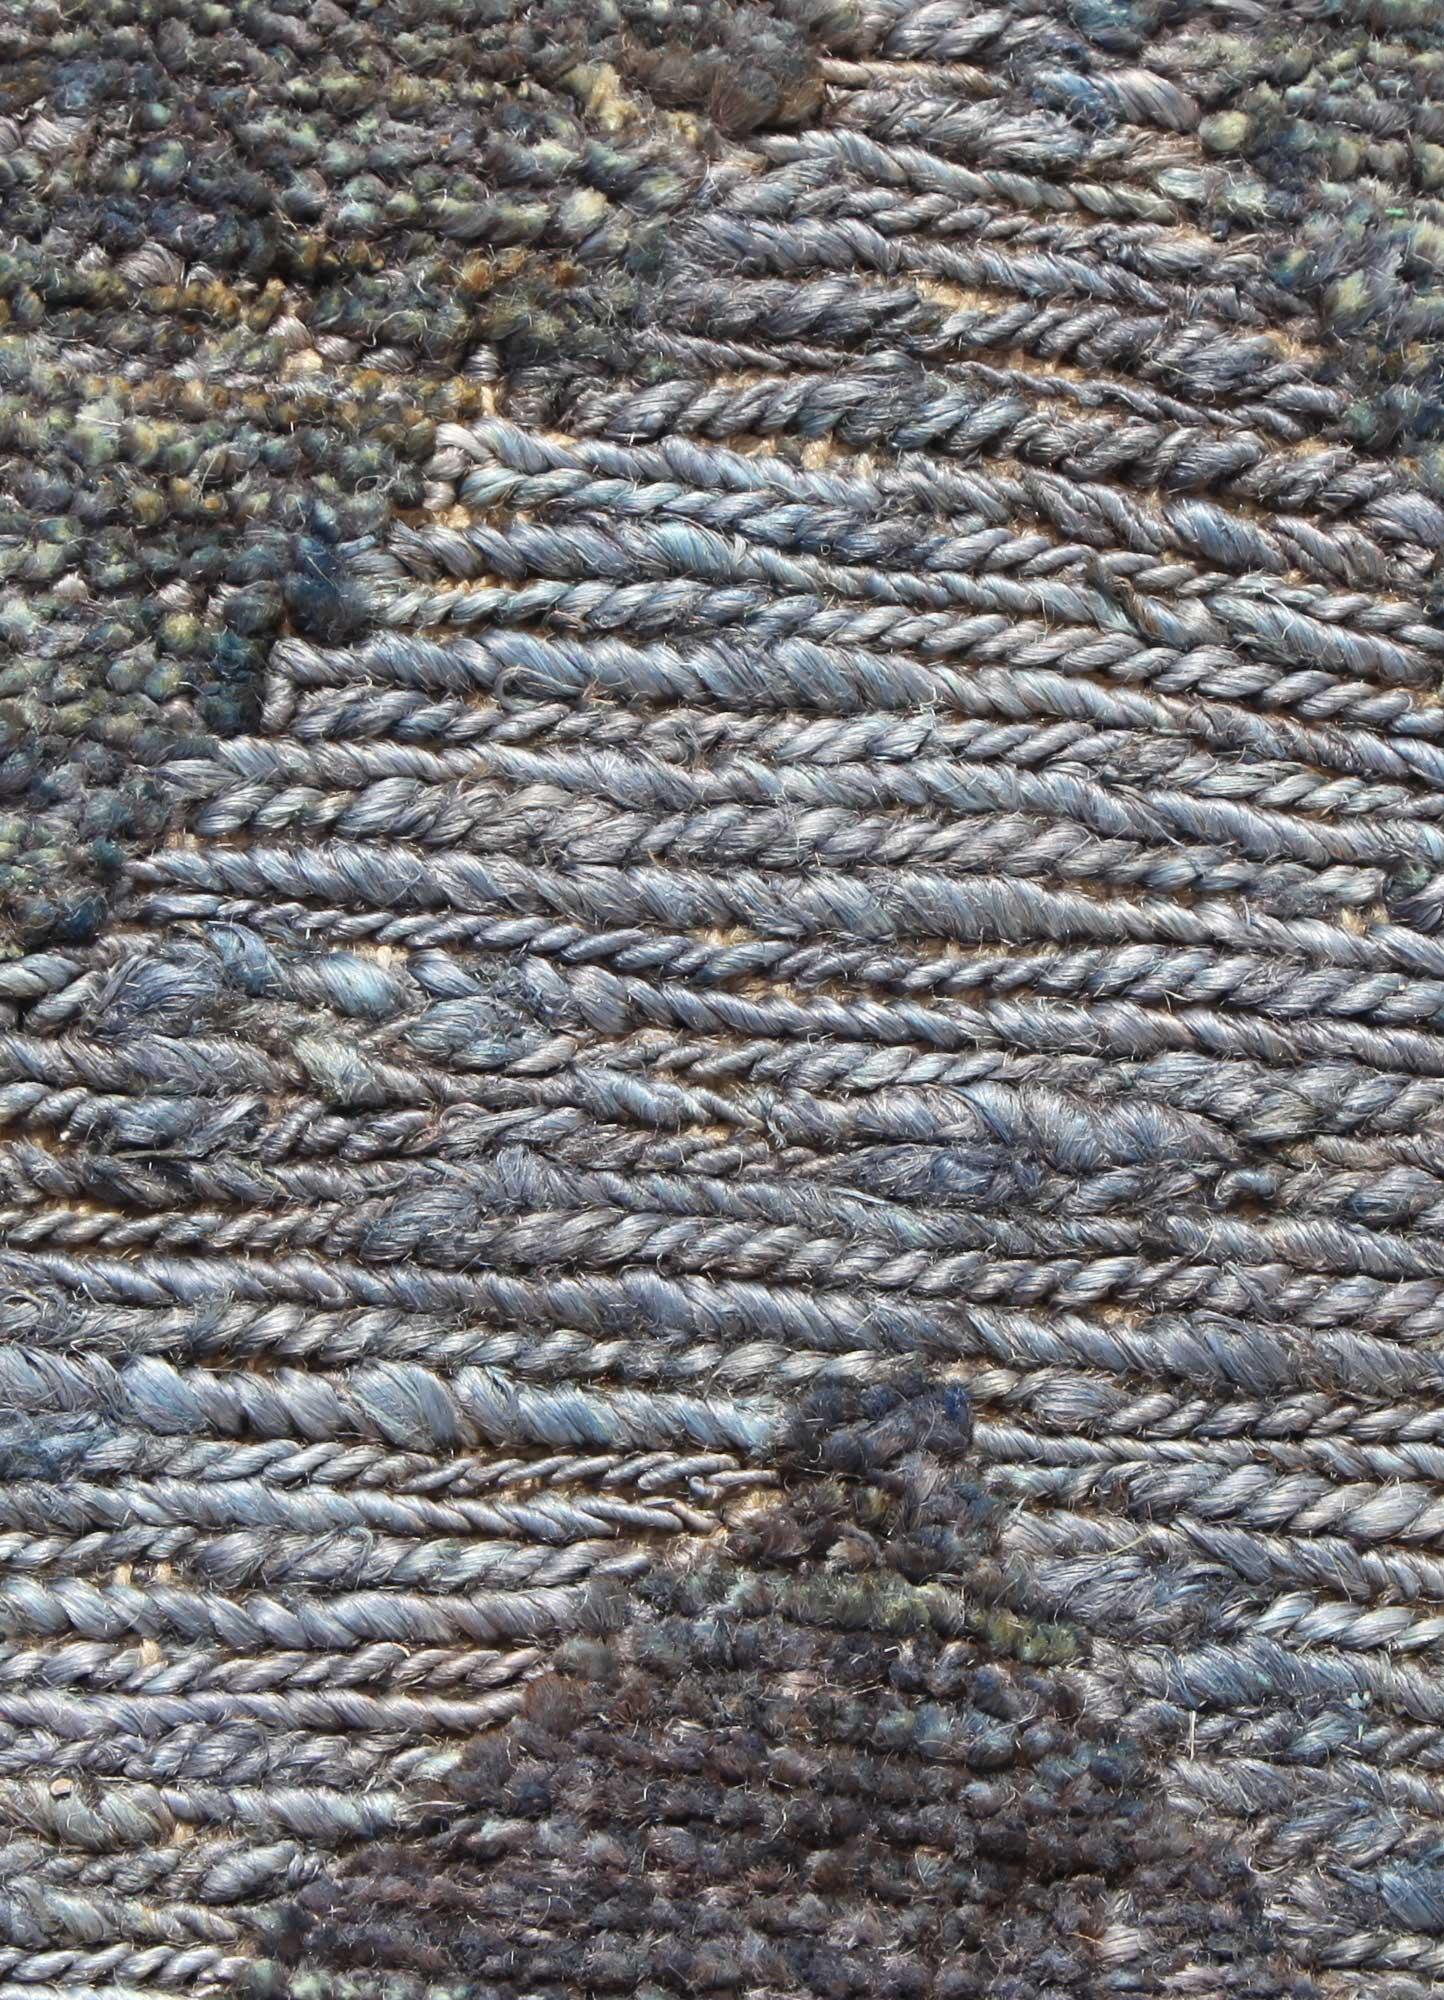 anatolia blue jute and hemp jute rugs Rug - CloseUp